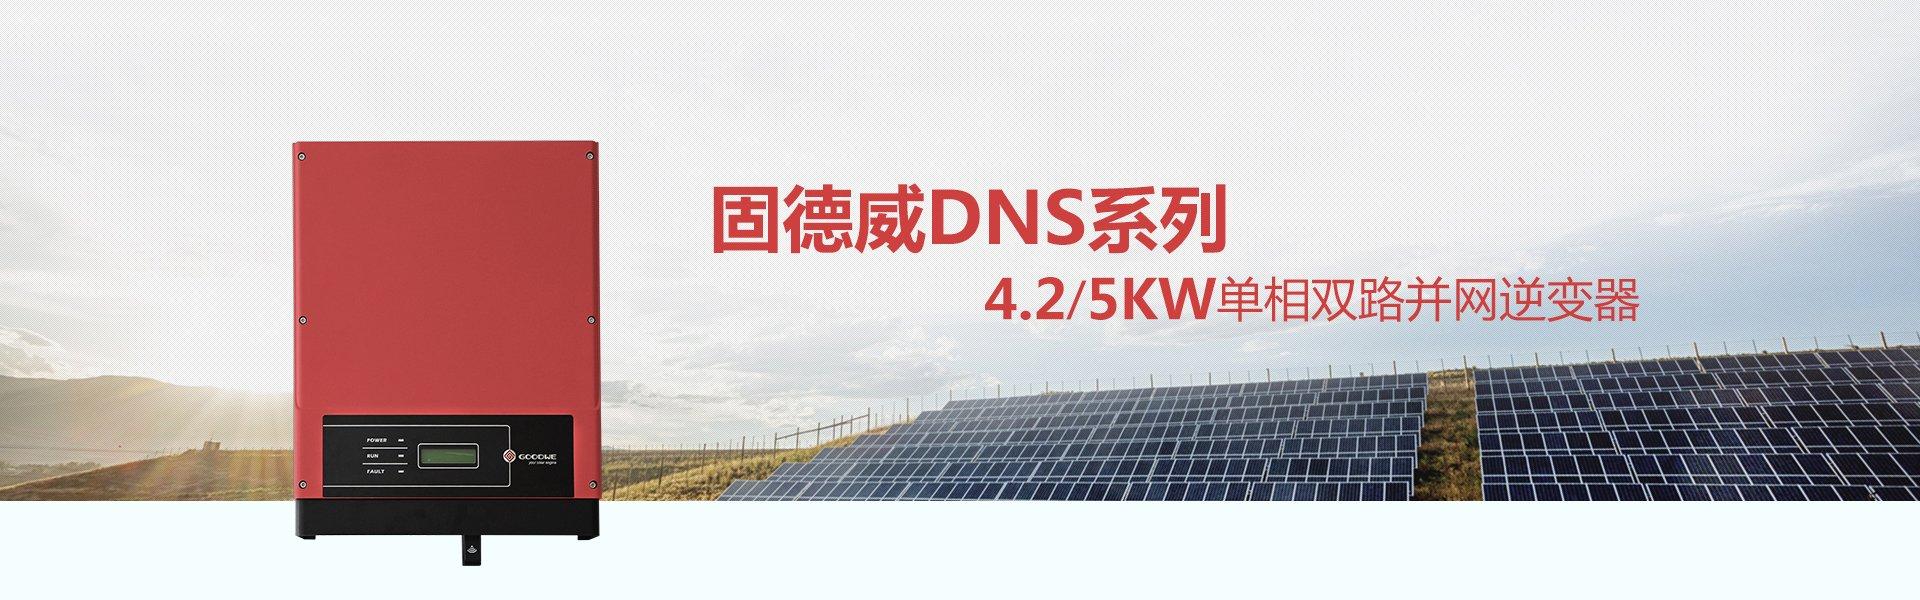 固德威4.2/5KW光伏逆變器價格單相雙路